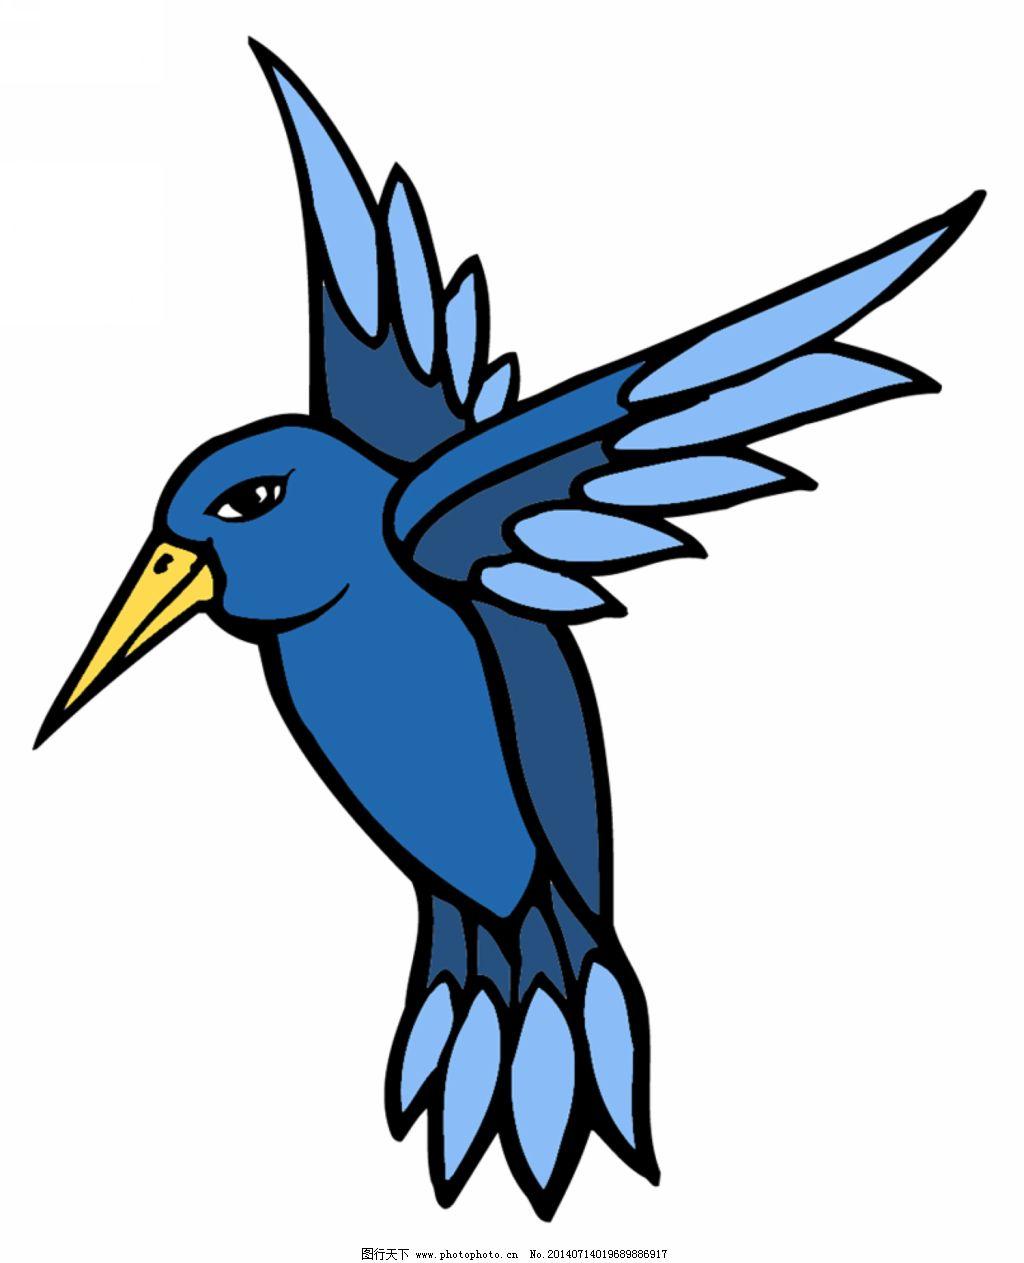 小鸟纹身免费下载 小鸟纹身 纹身设计图案素材 小鸟彩色纹身 国外纹身